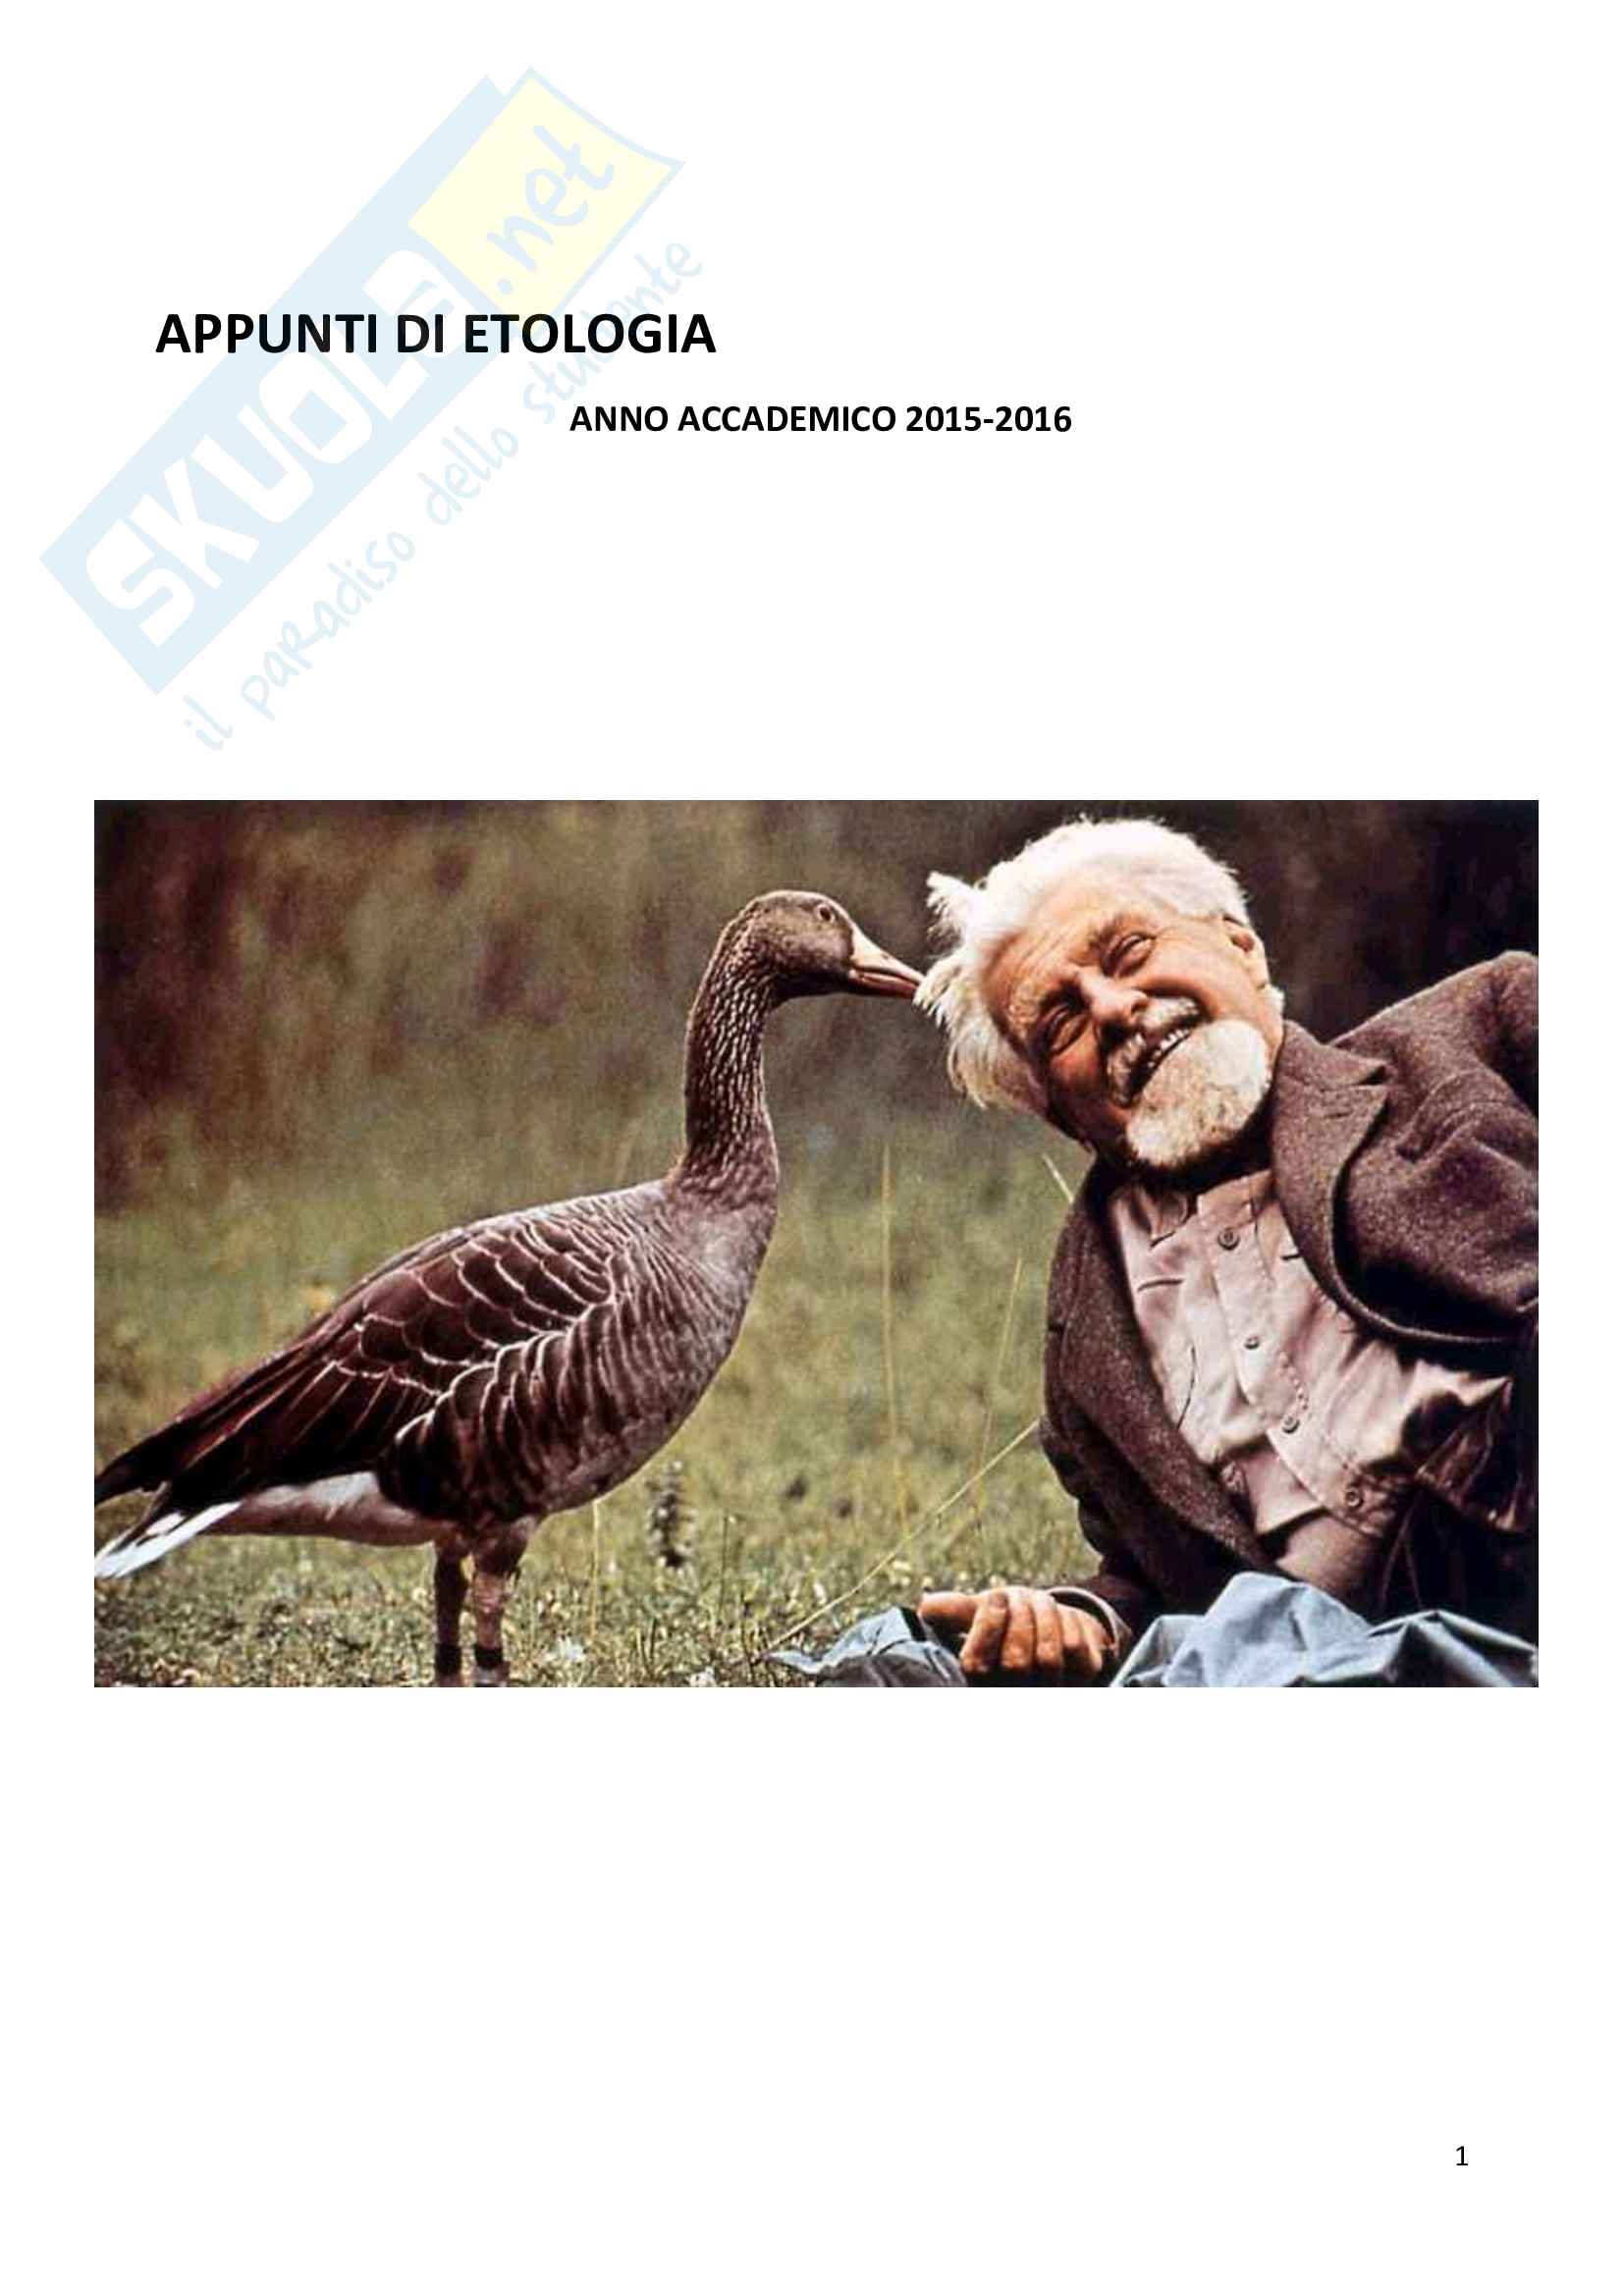 Etologia - studio sul comportamento animale